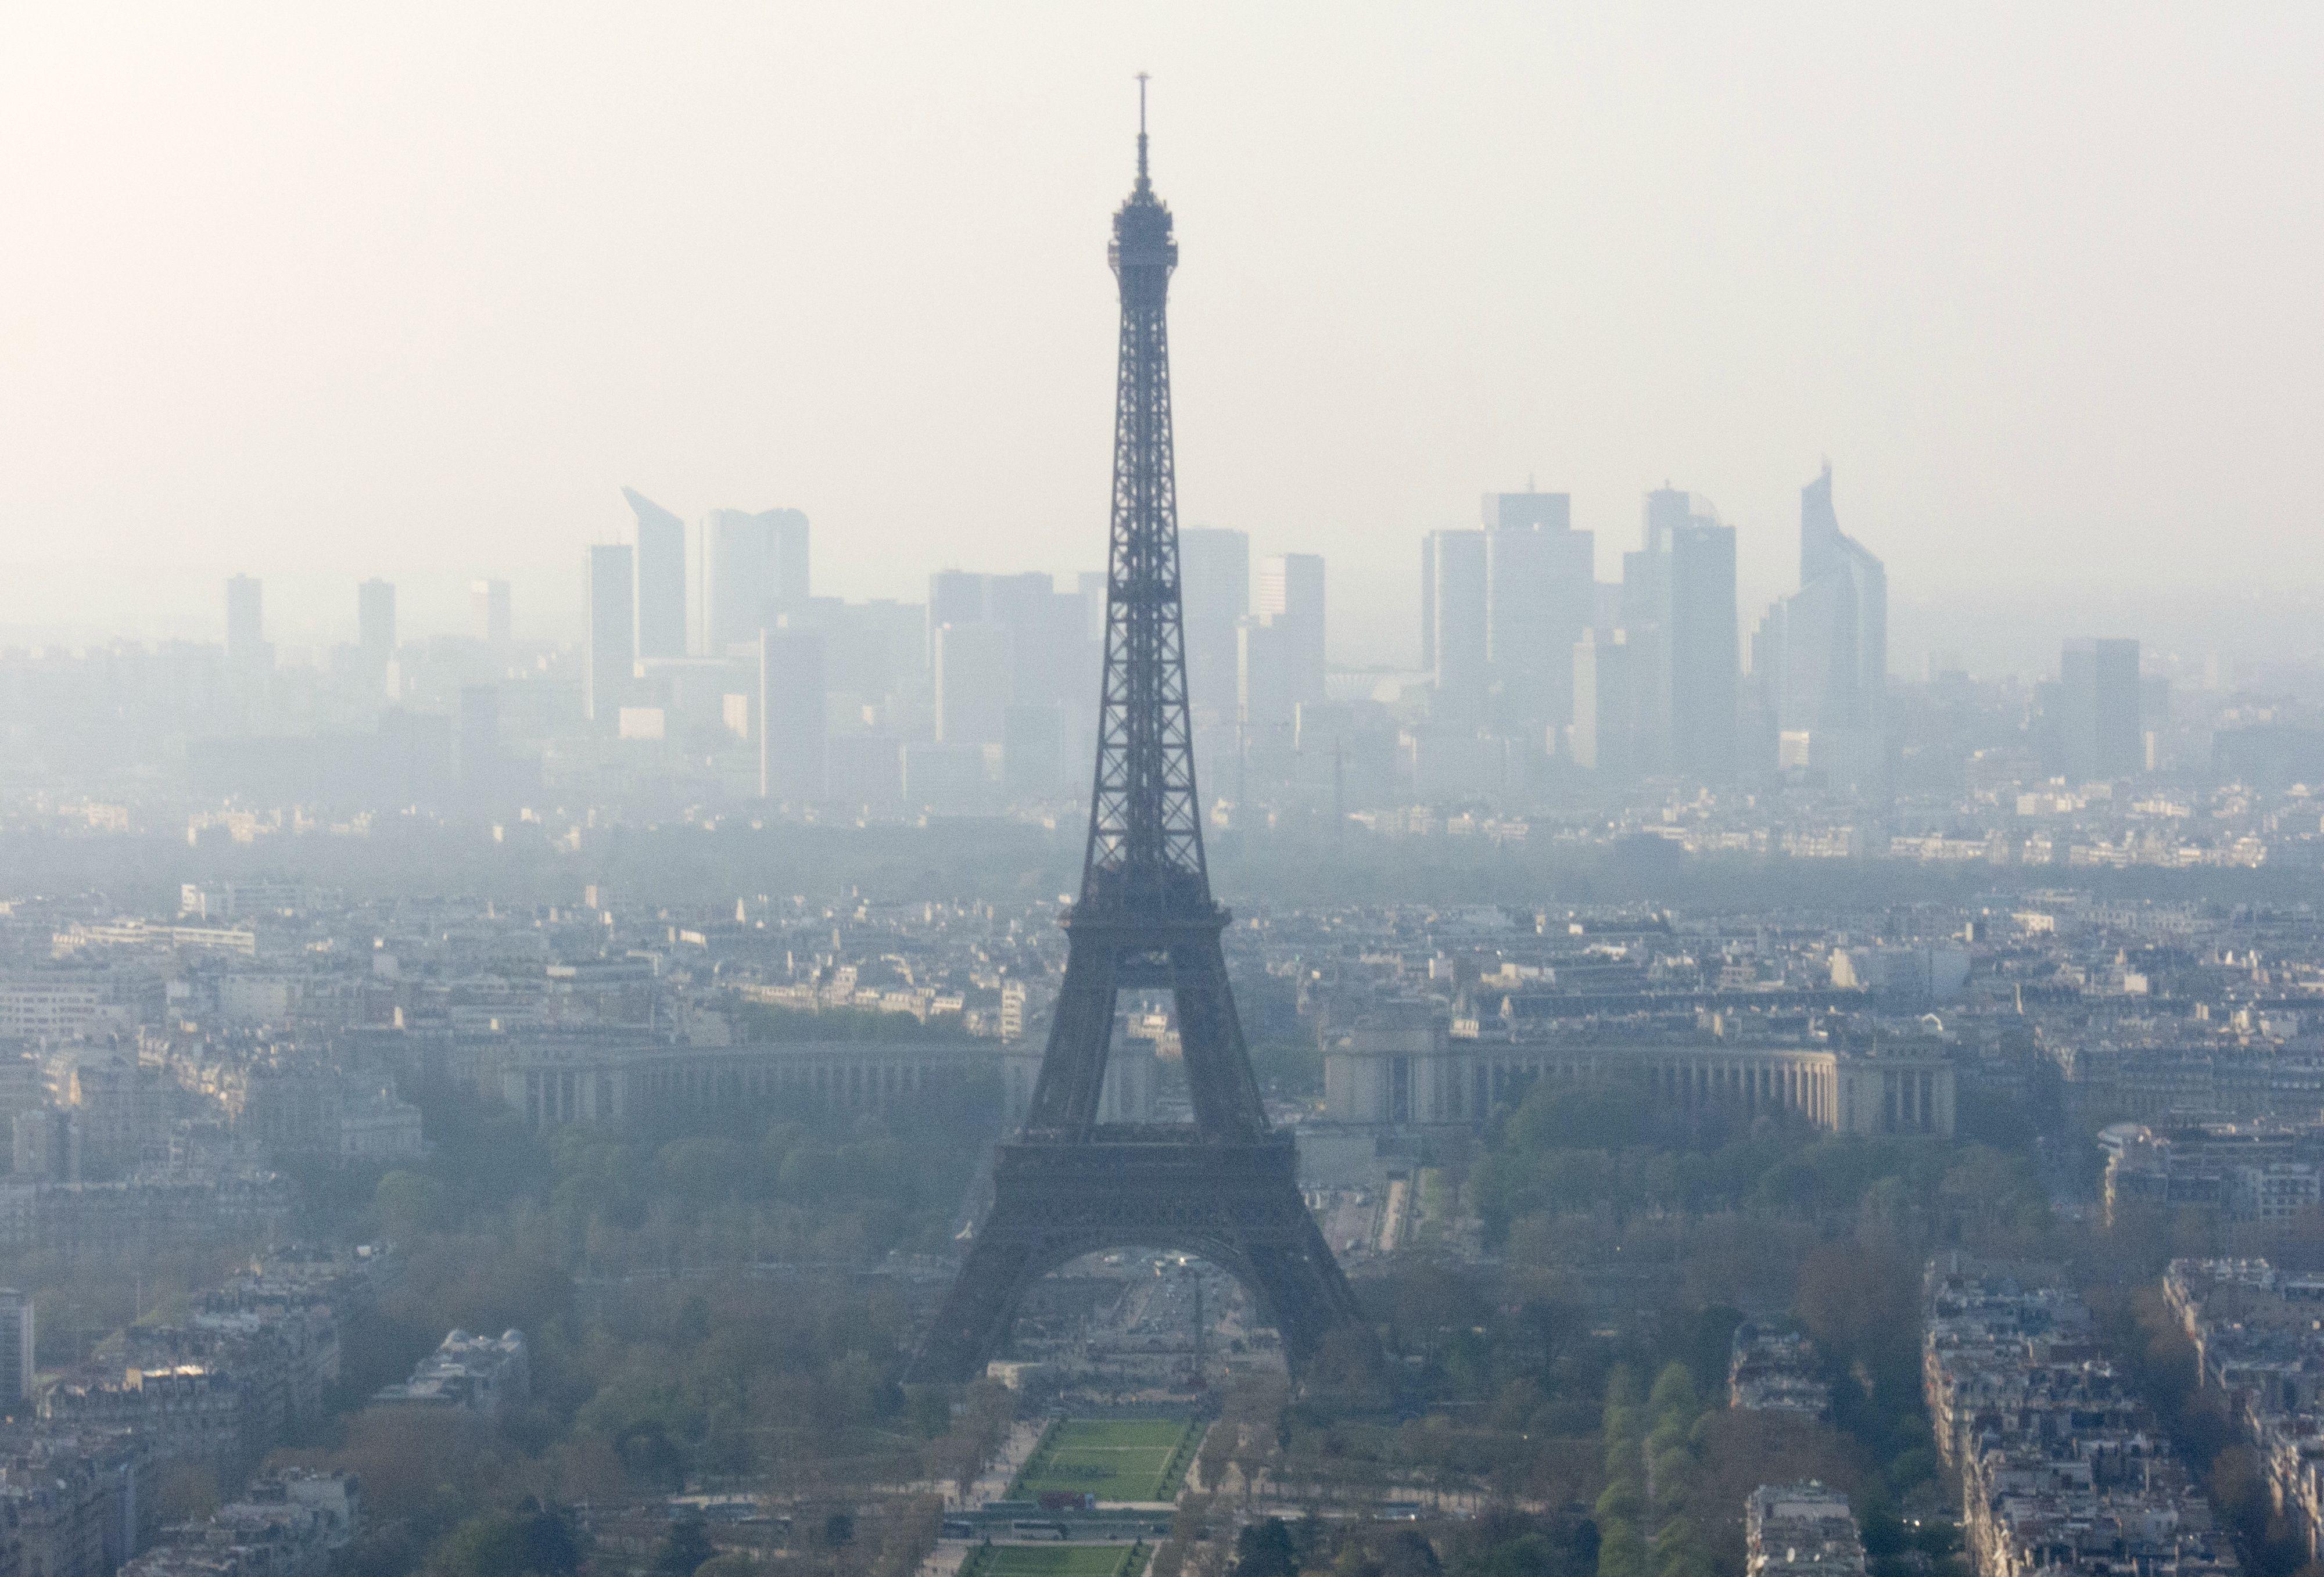 pollution_paris_creditalberto_hernandez_flickr